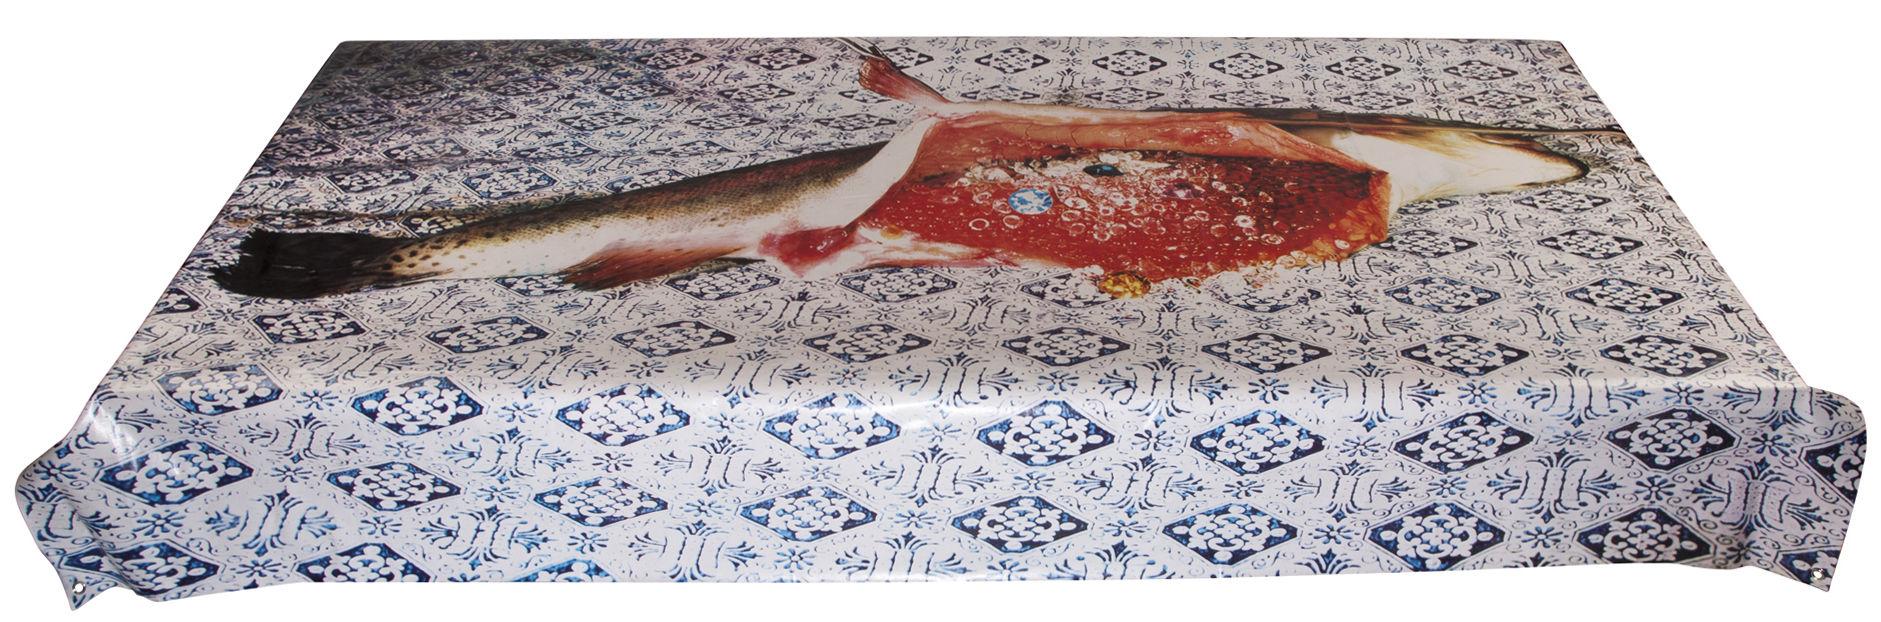 Arts de la table - Nappes, serviettes et sets - Nappe cirée Toiletpaper - Poisson / 210 x 140 cm - Seletti - Poisson - Toile cirée